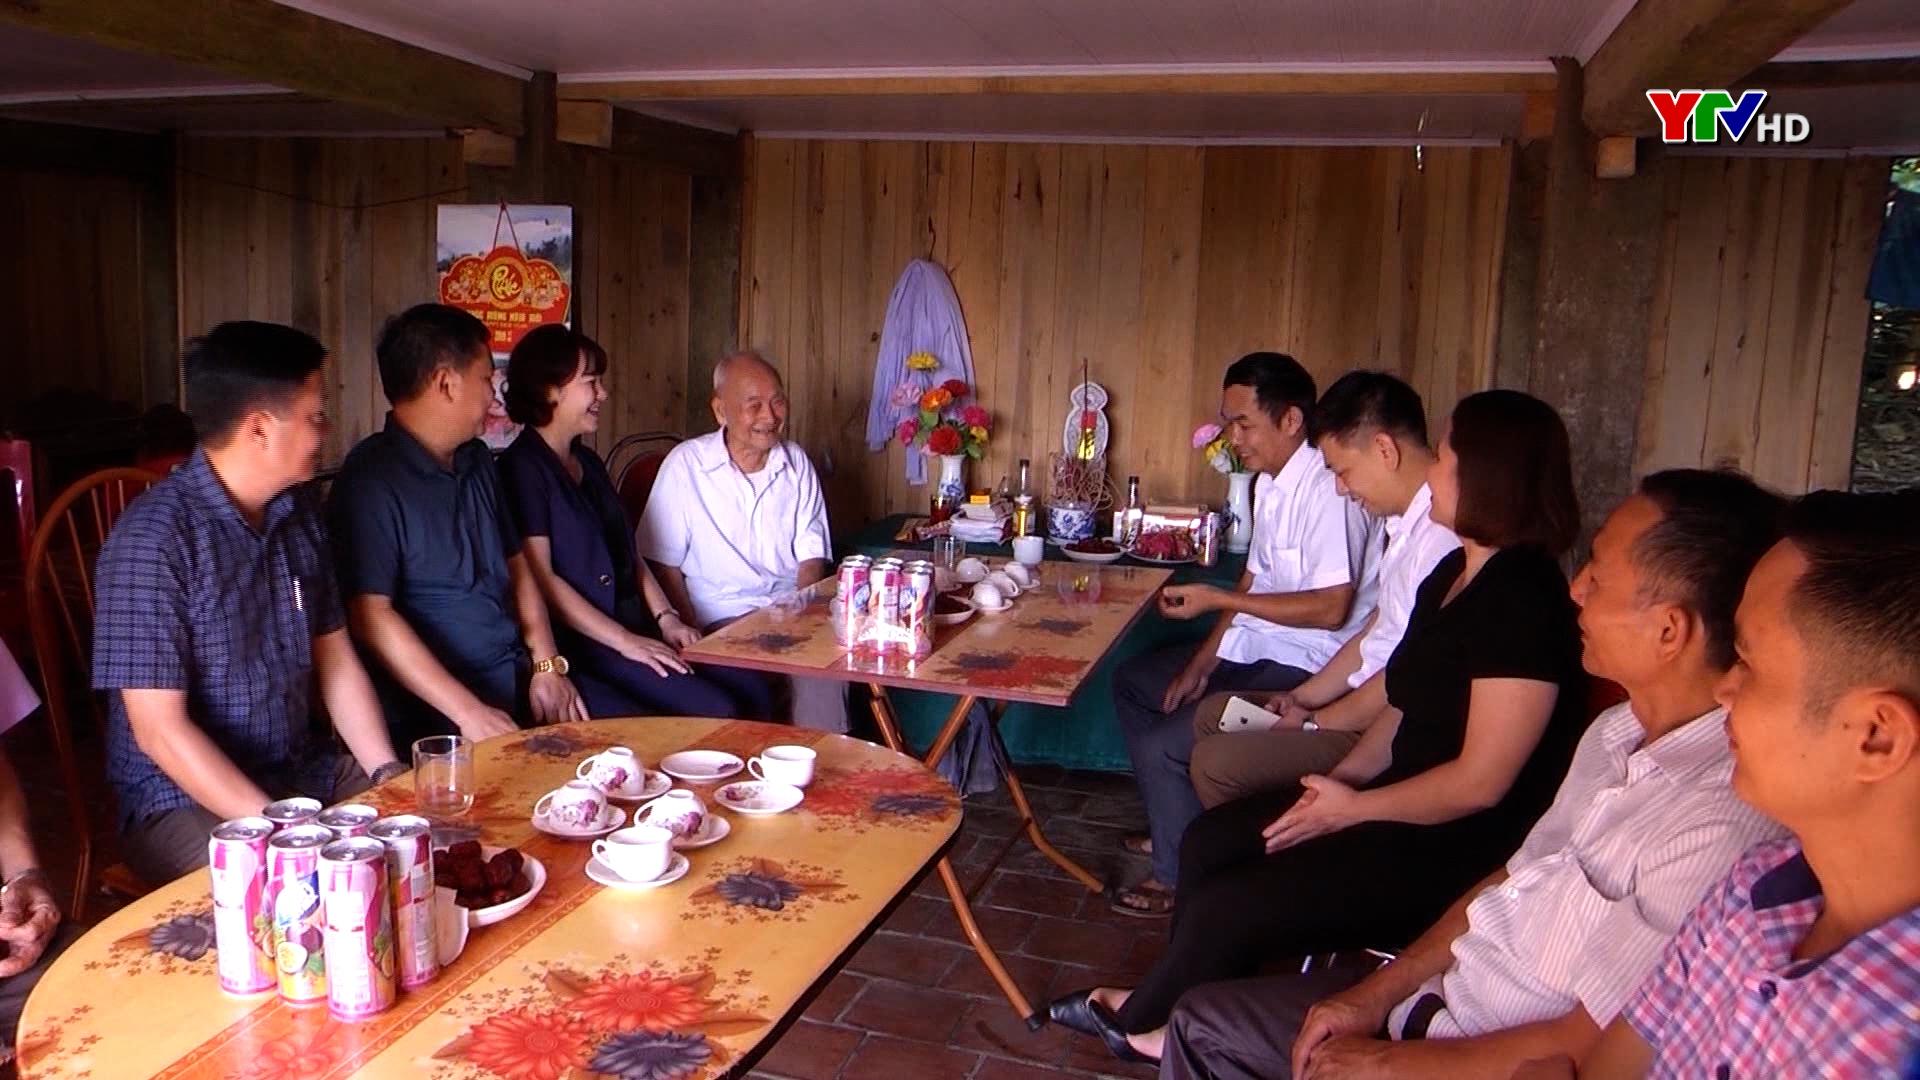 Tất cả hộ nghèo của tỉnh Yên Bái được tặng quà trong dịp Tết Tân Sửu